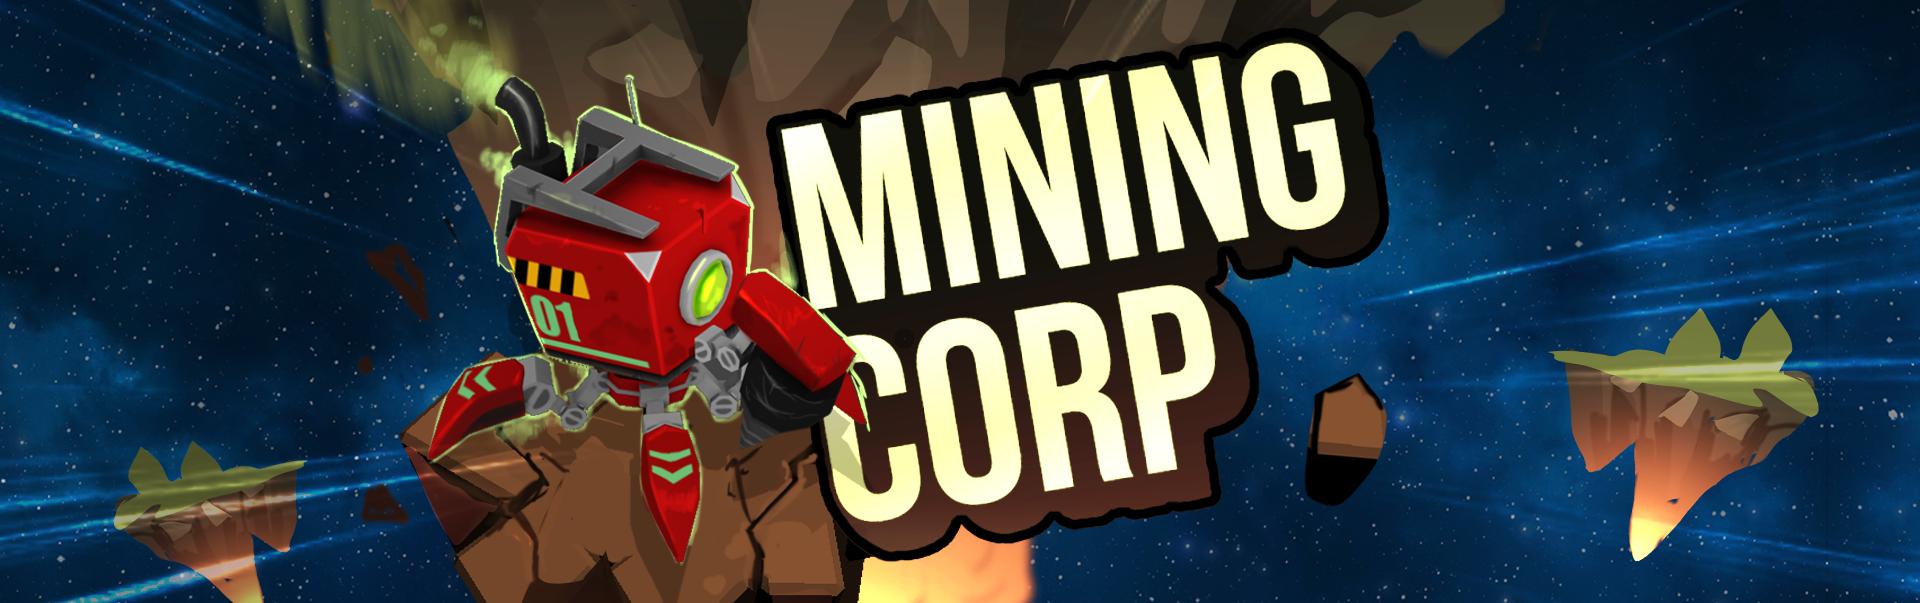 Mining Corp.